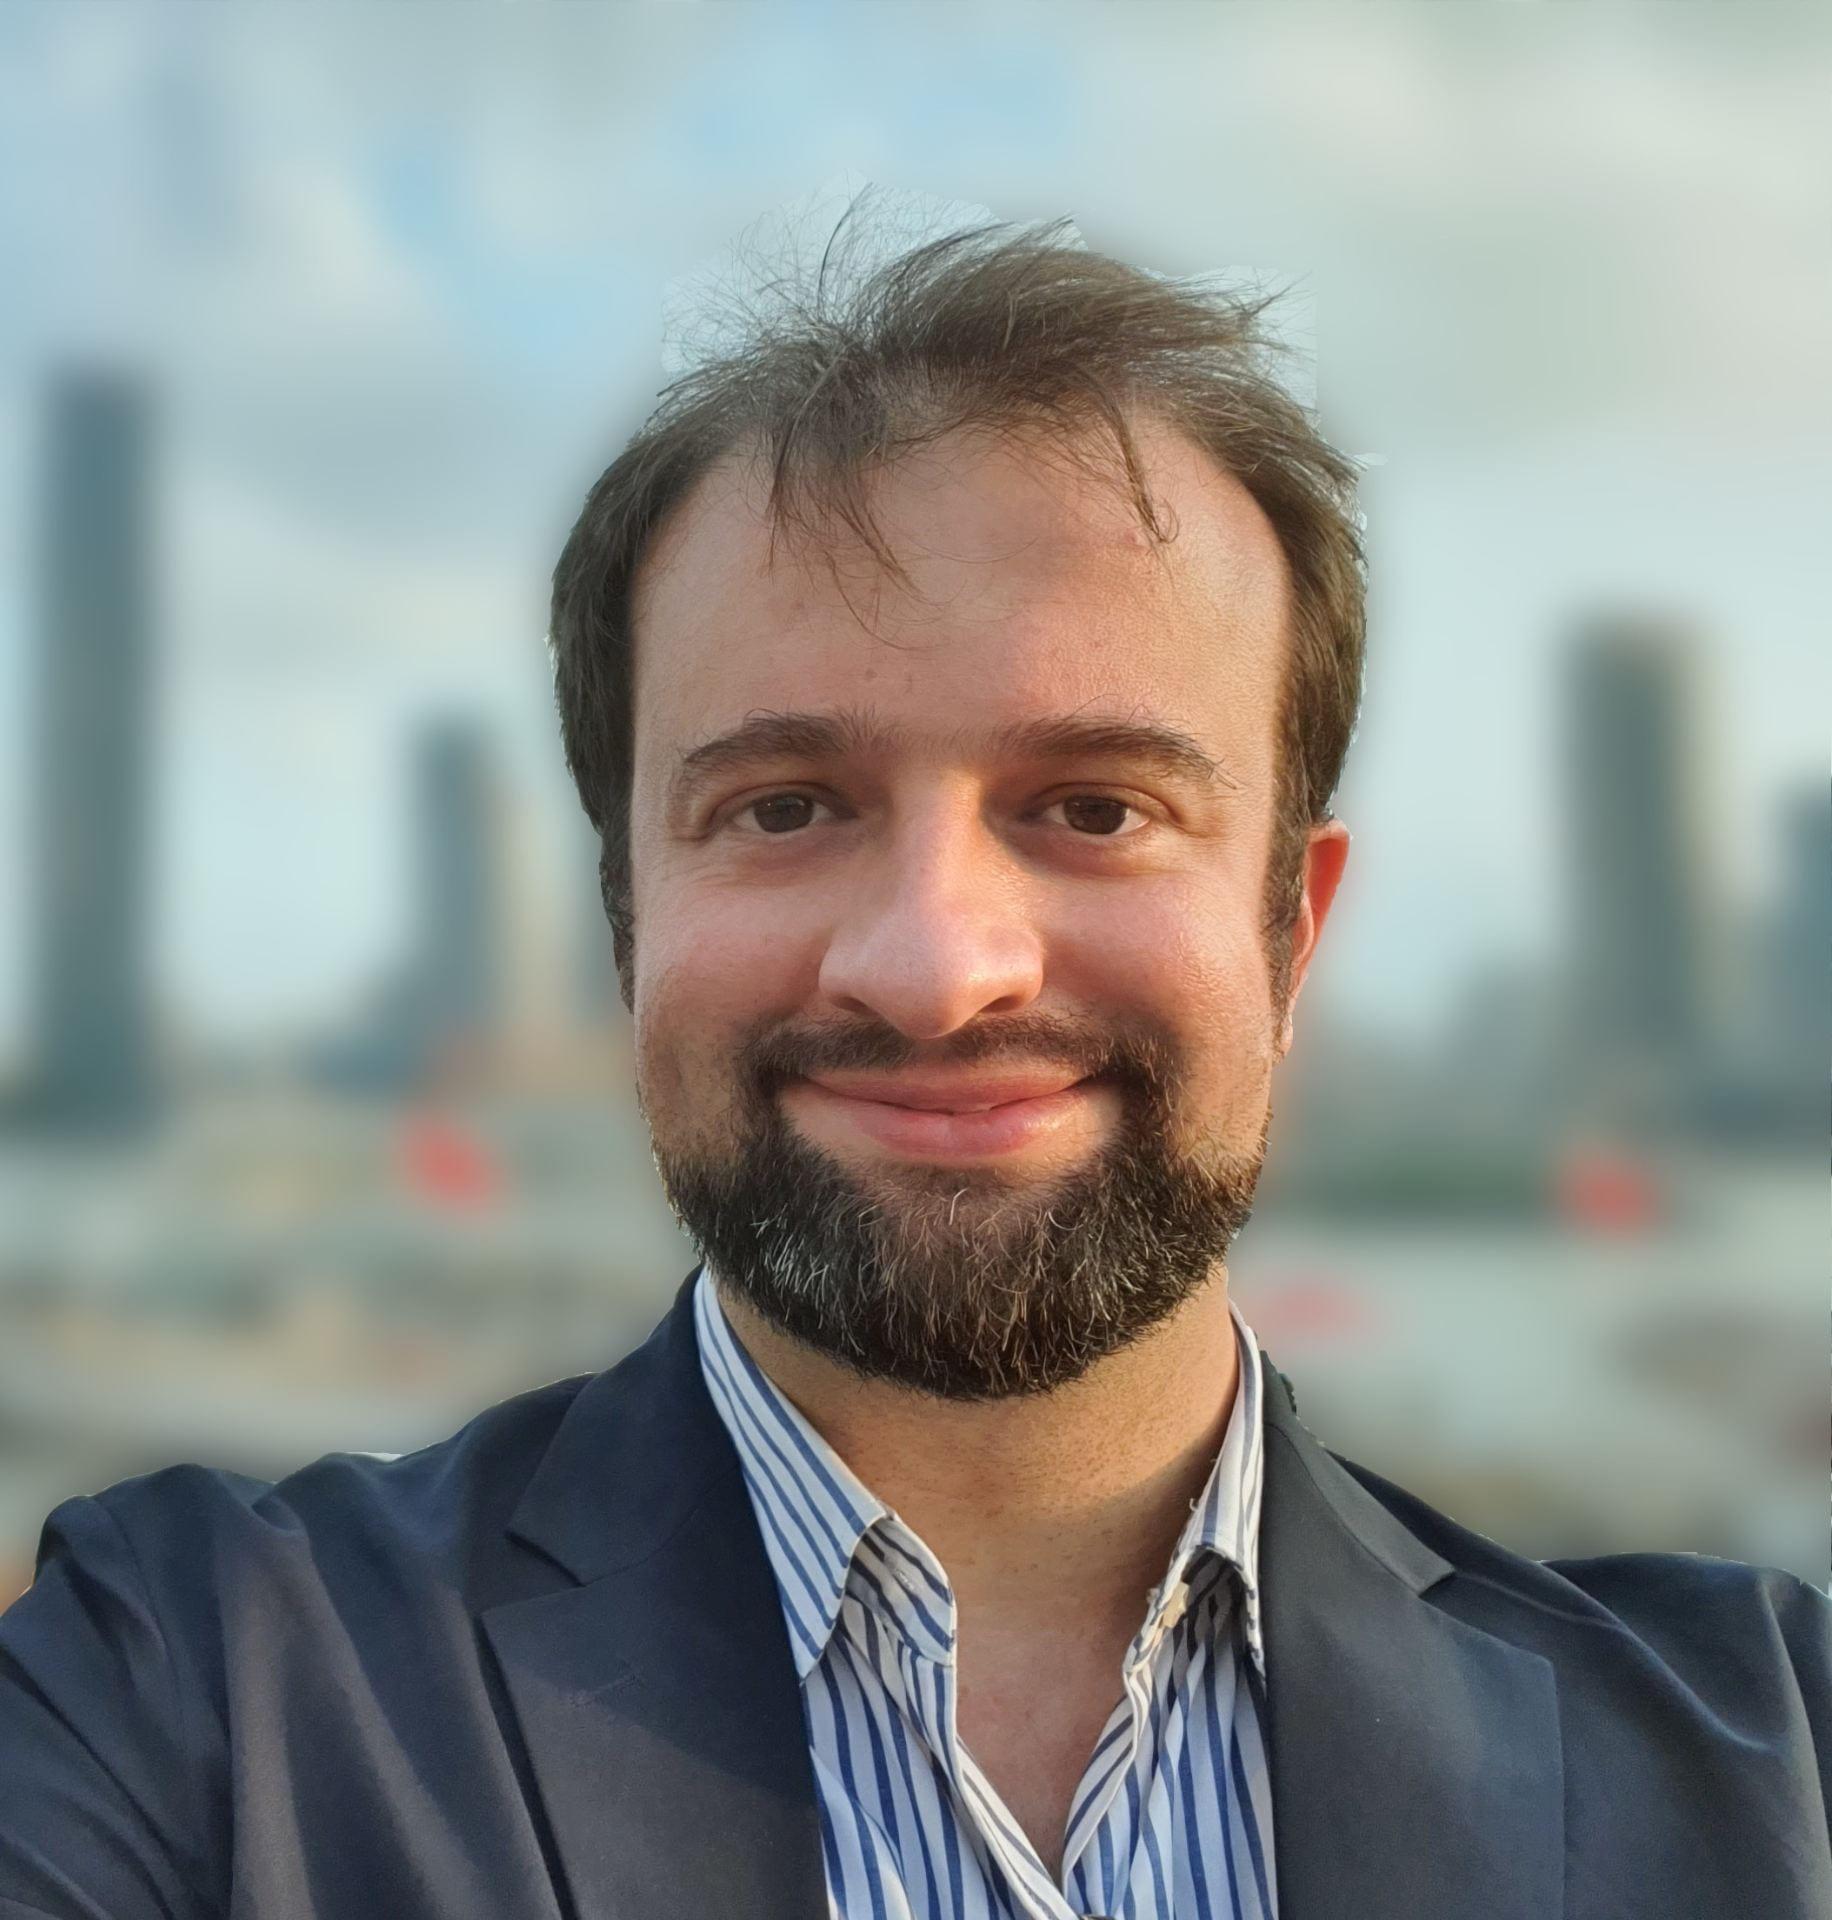 Dr Alex Gardi